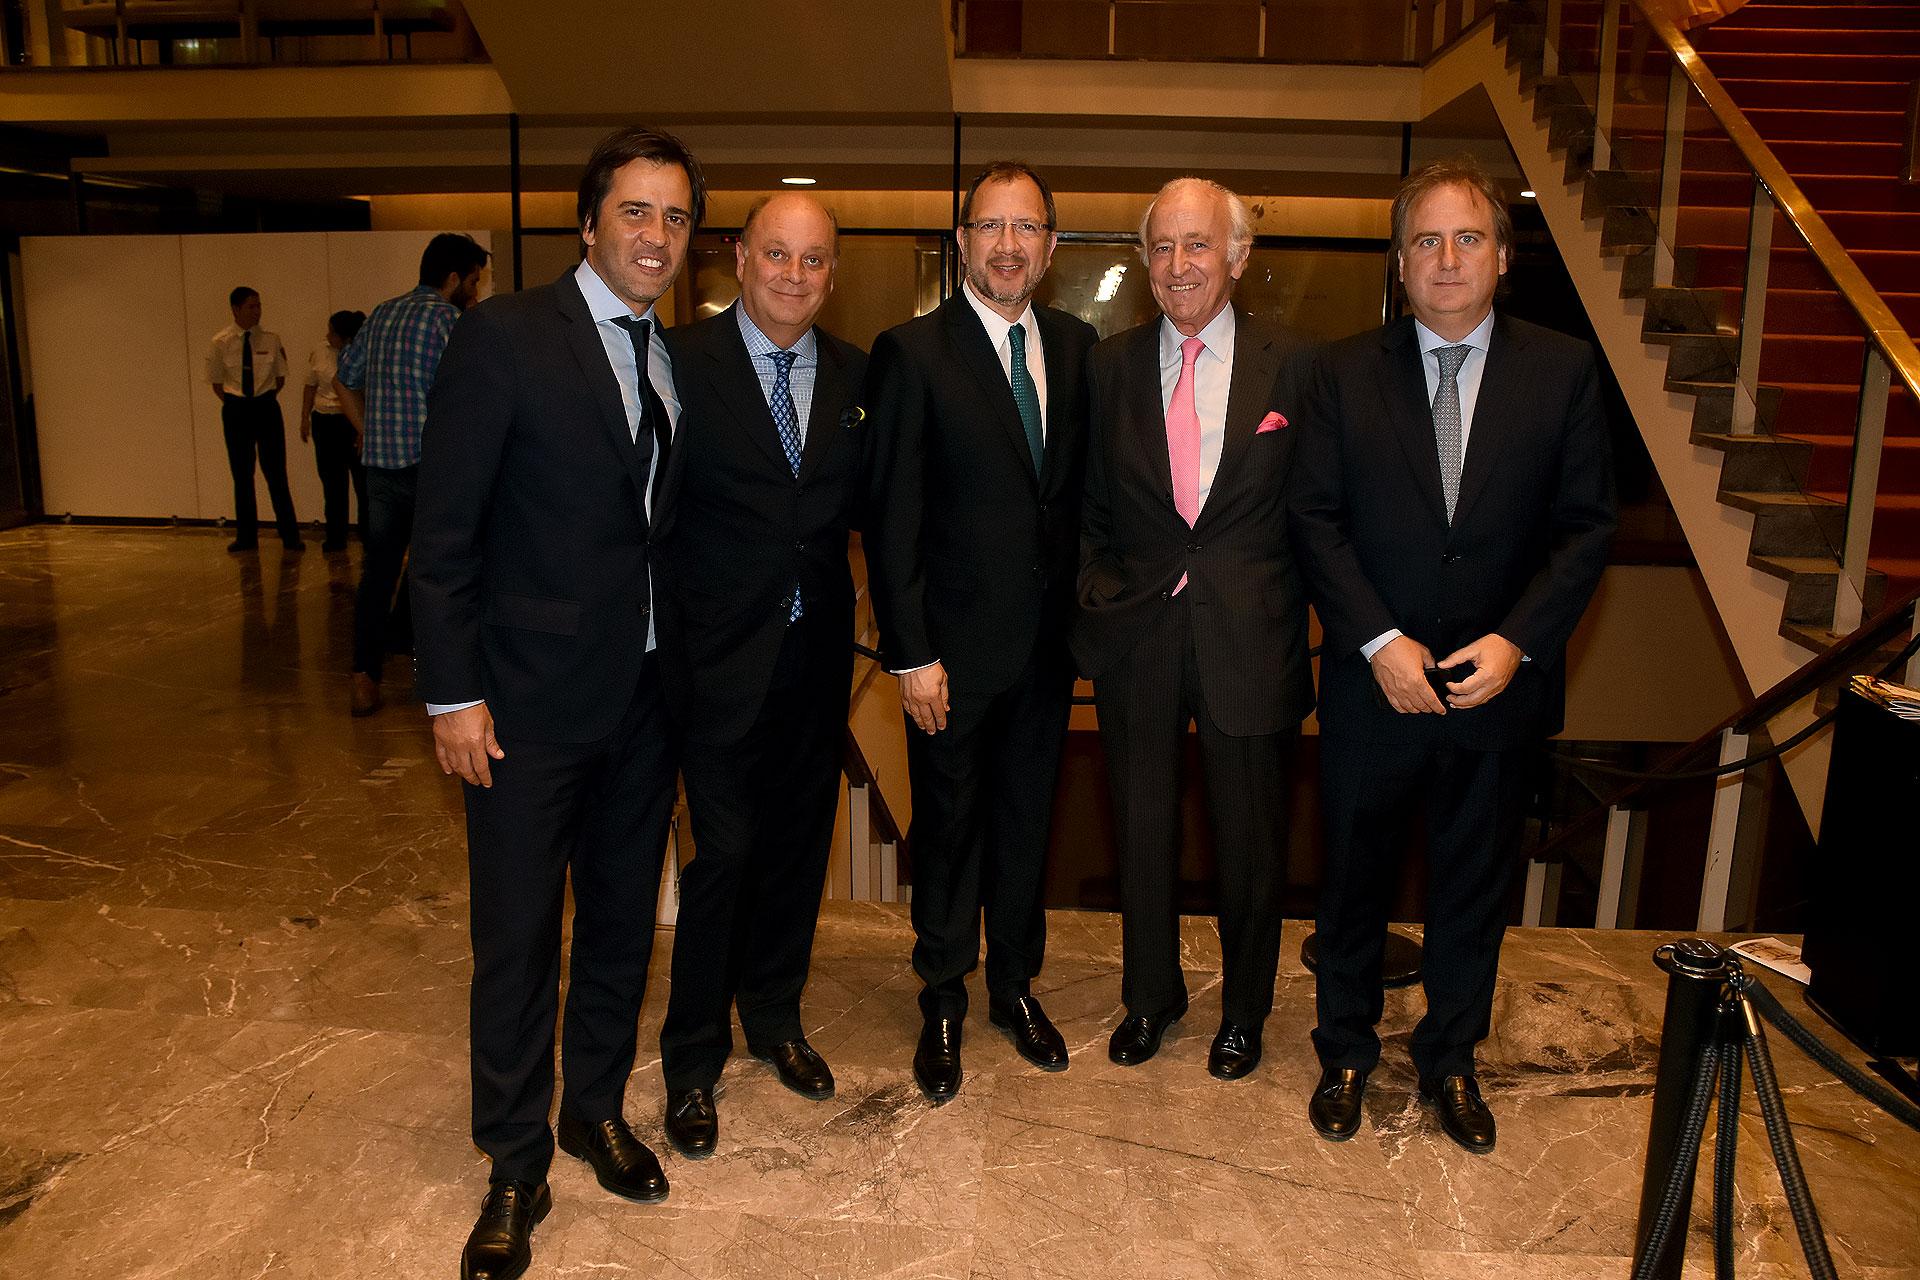 Santiago Pando, Martín Cabrales, Fabián Perechodnik, Santiago Soldati y Tato Lanusse